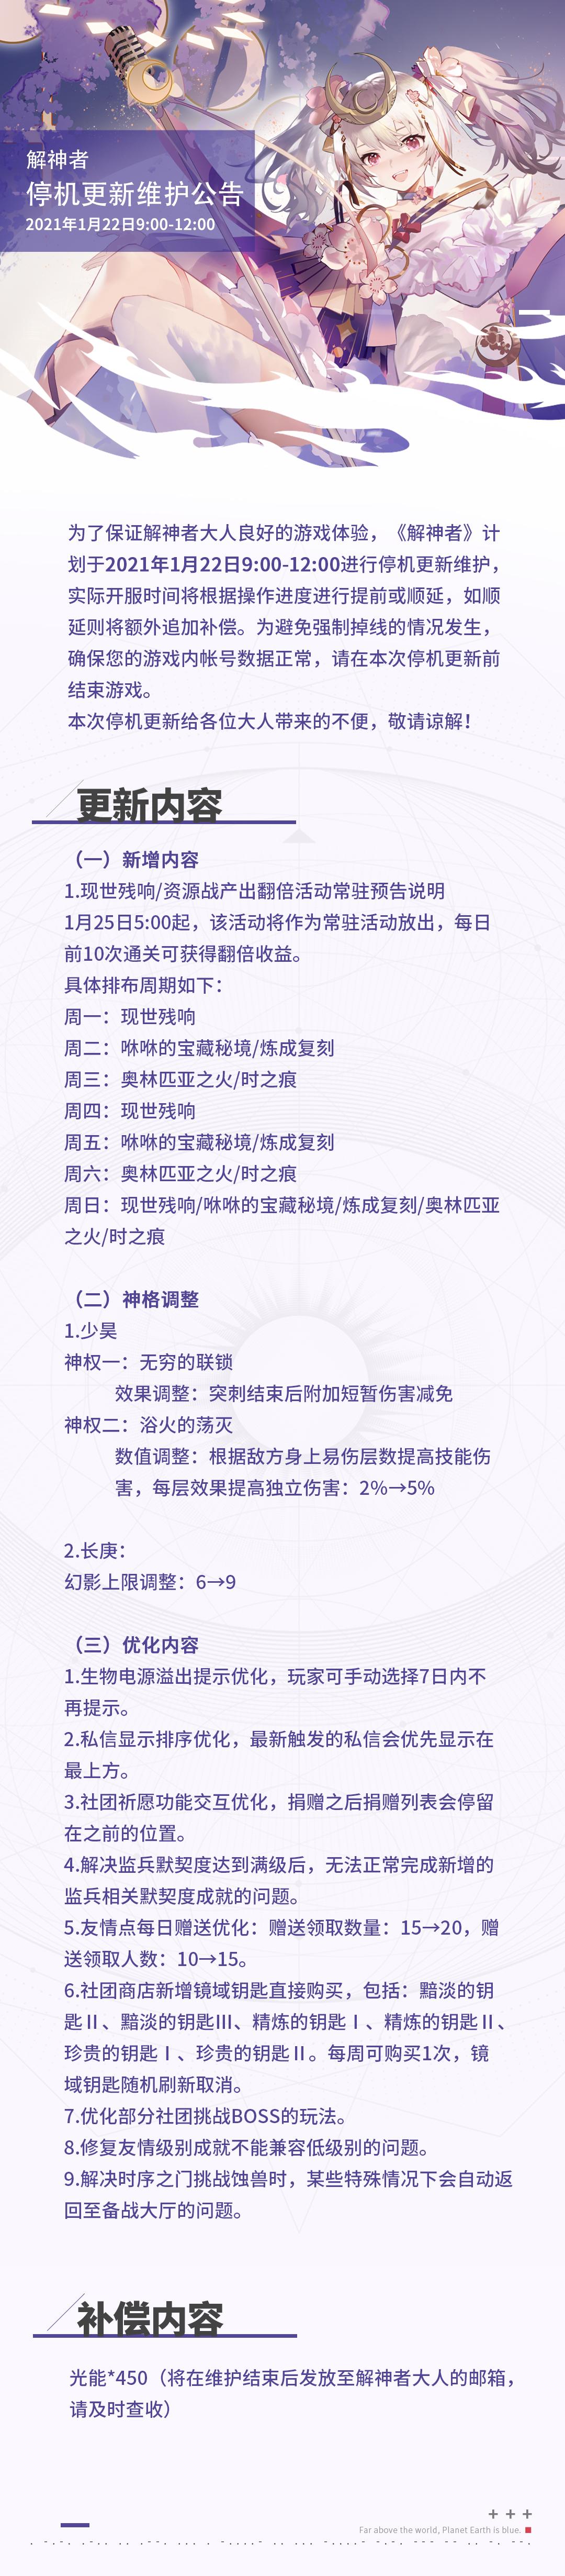 【解神者】2021年1月22日9:00至12:00停机更新公告